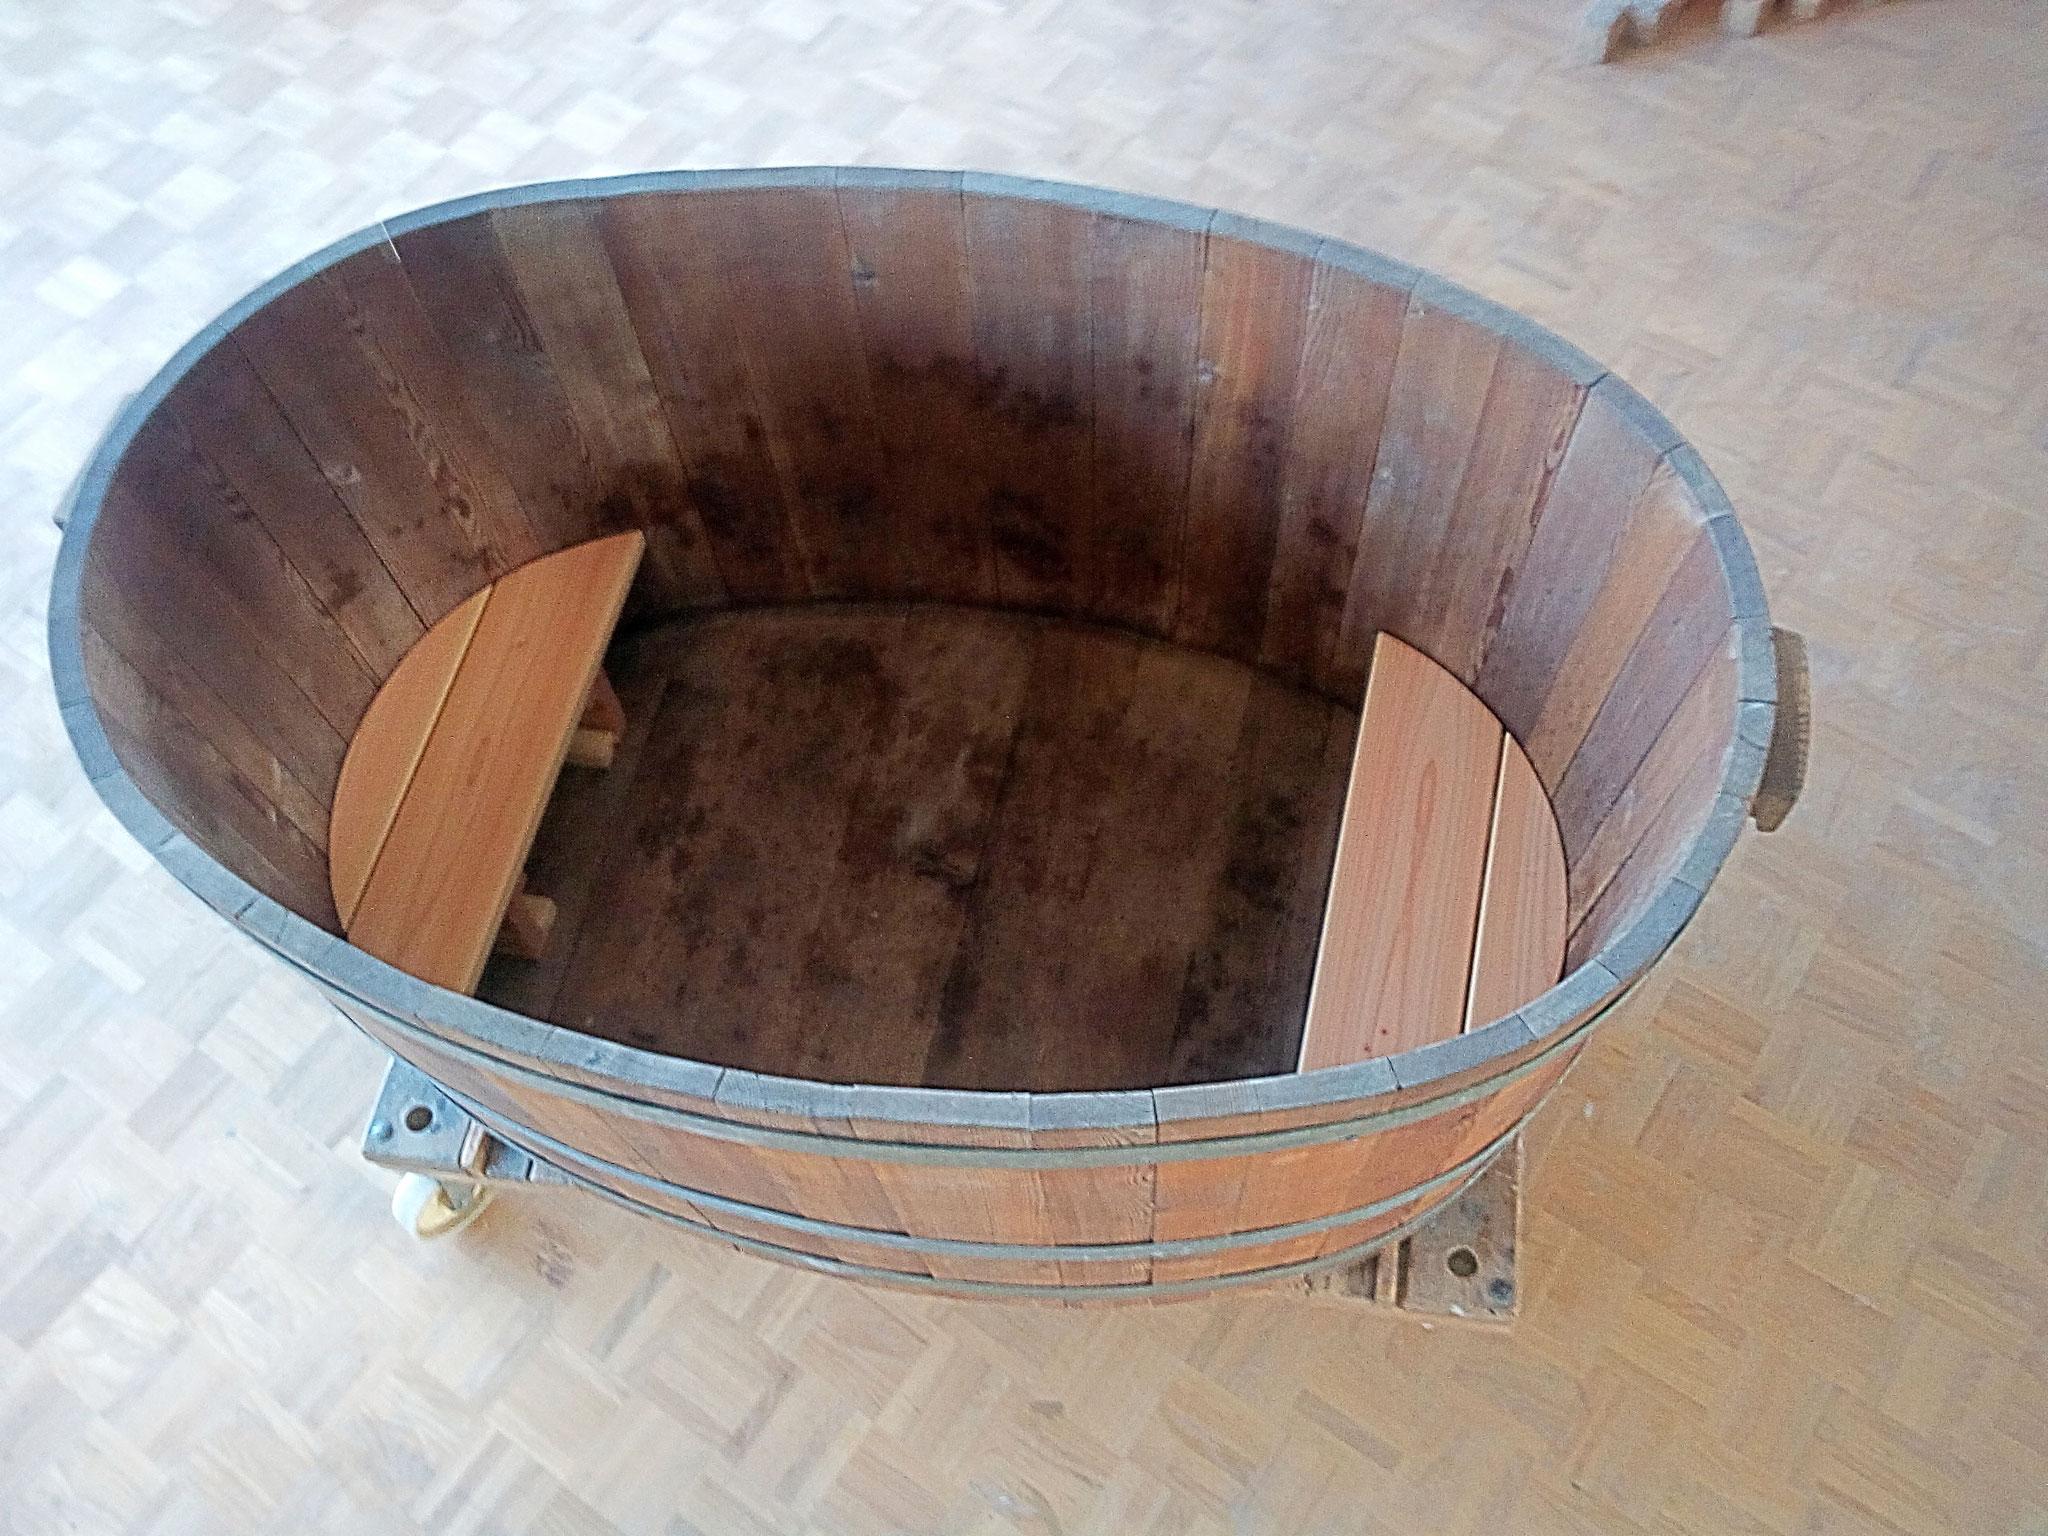 Badezuber mit Sitzbank restauriert und geölt